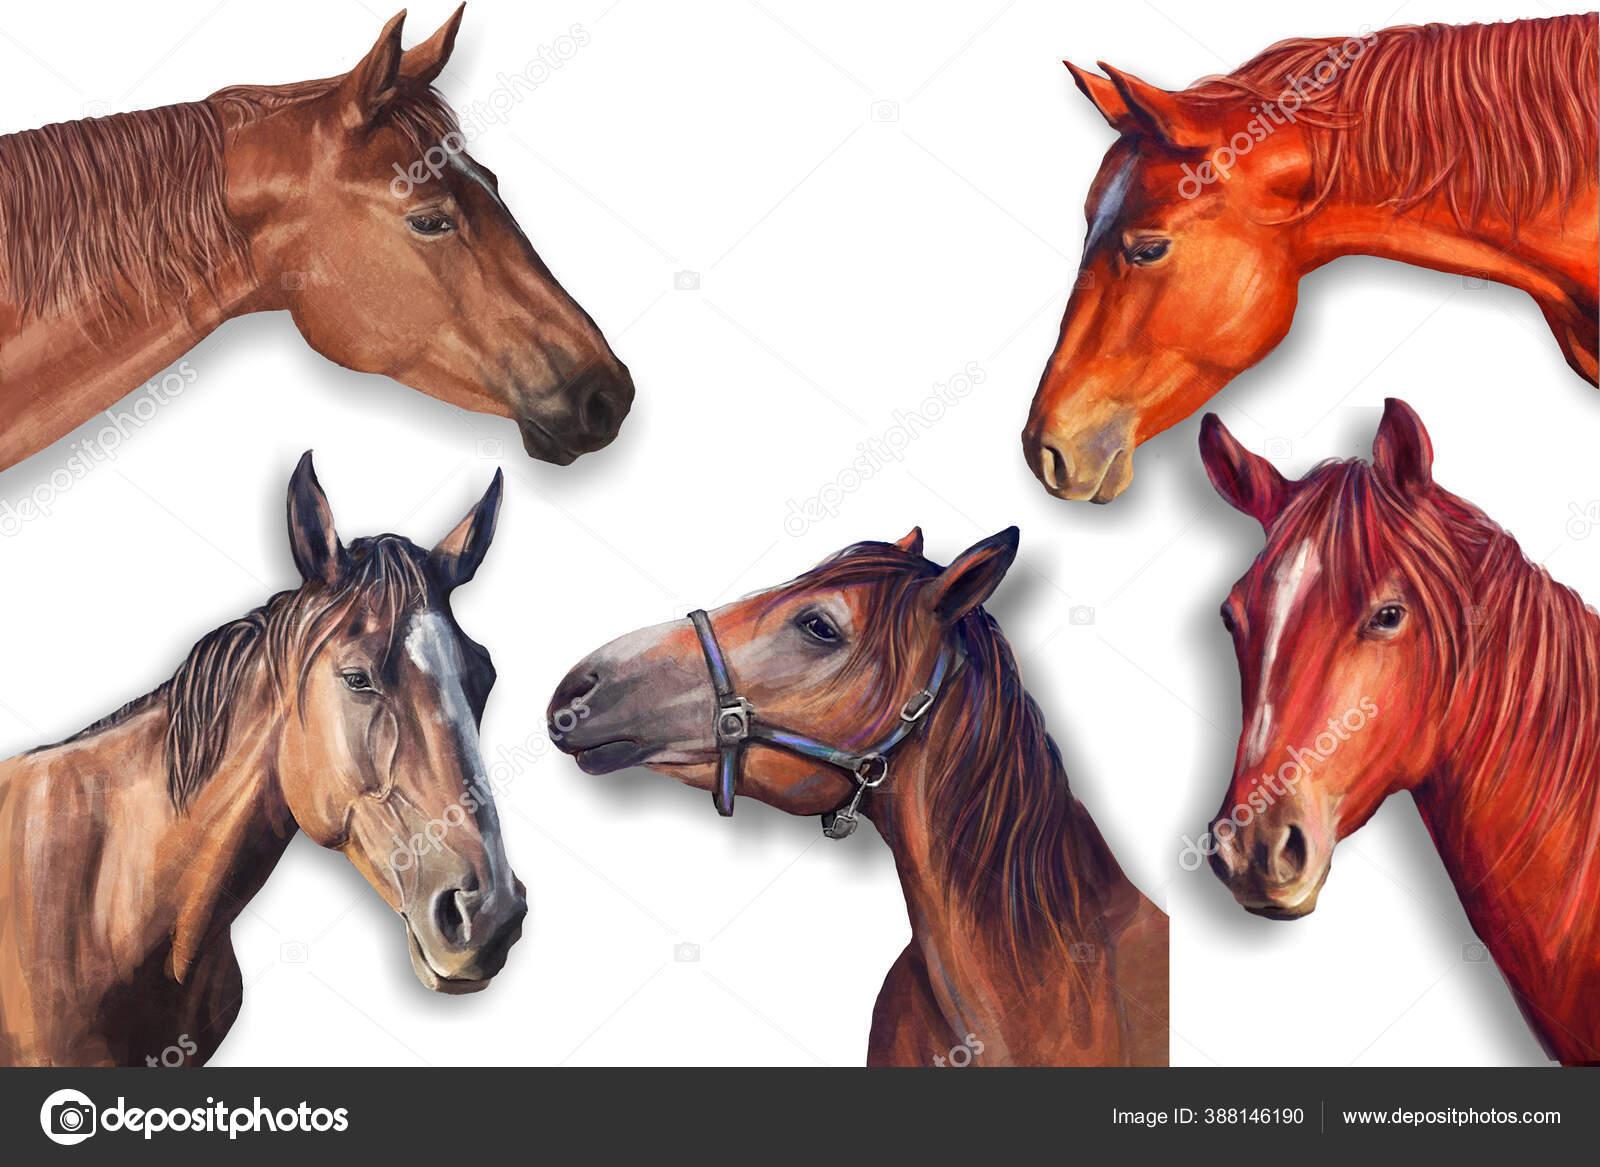 Horses Head Painting In The Interior Stock Photo C Yulianas 388146190